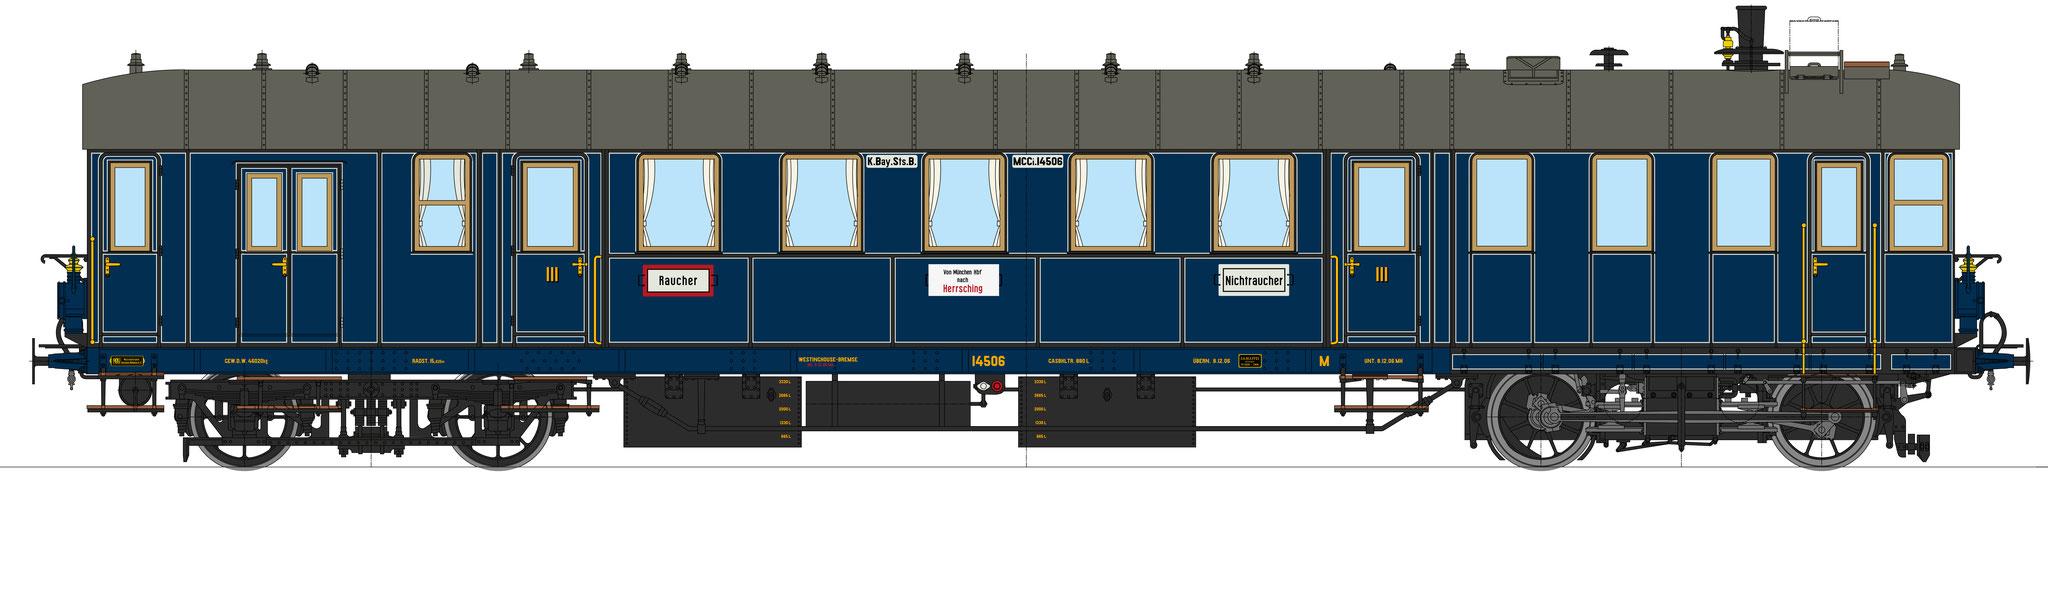 Best.-Nr. 11043, Lok-Nr. 14506, blau, Bauzustand 1906